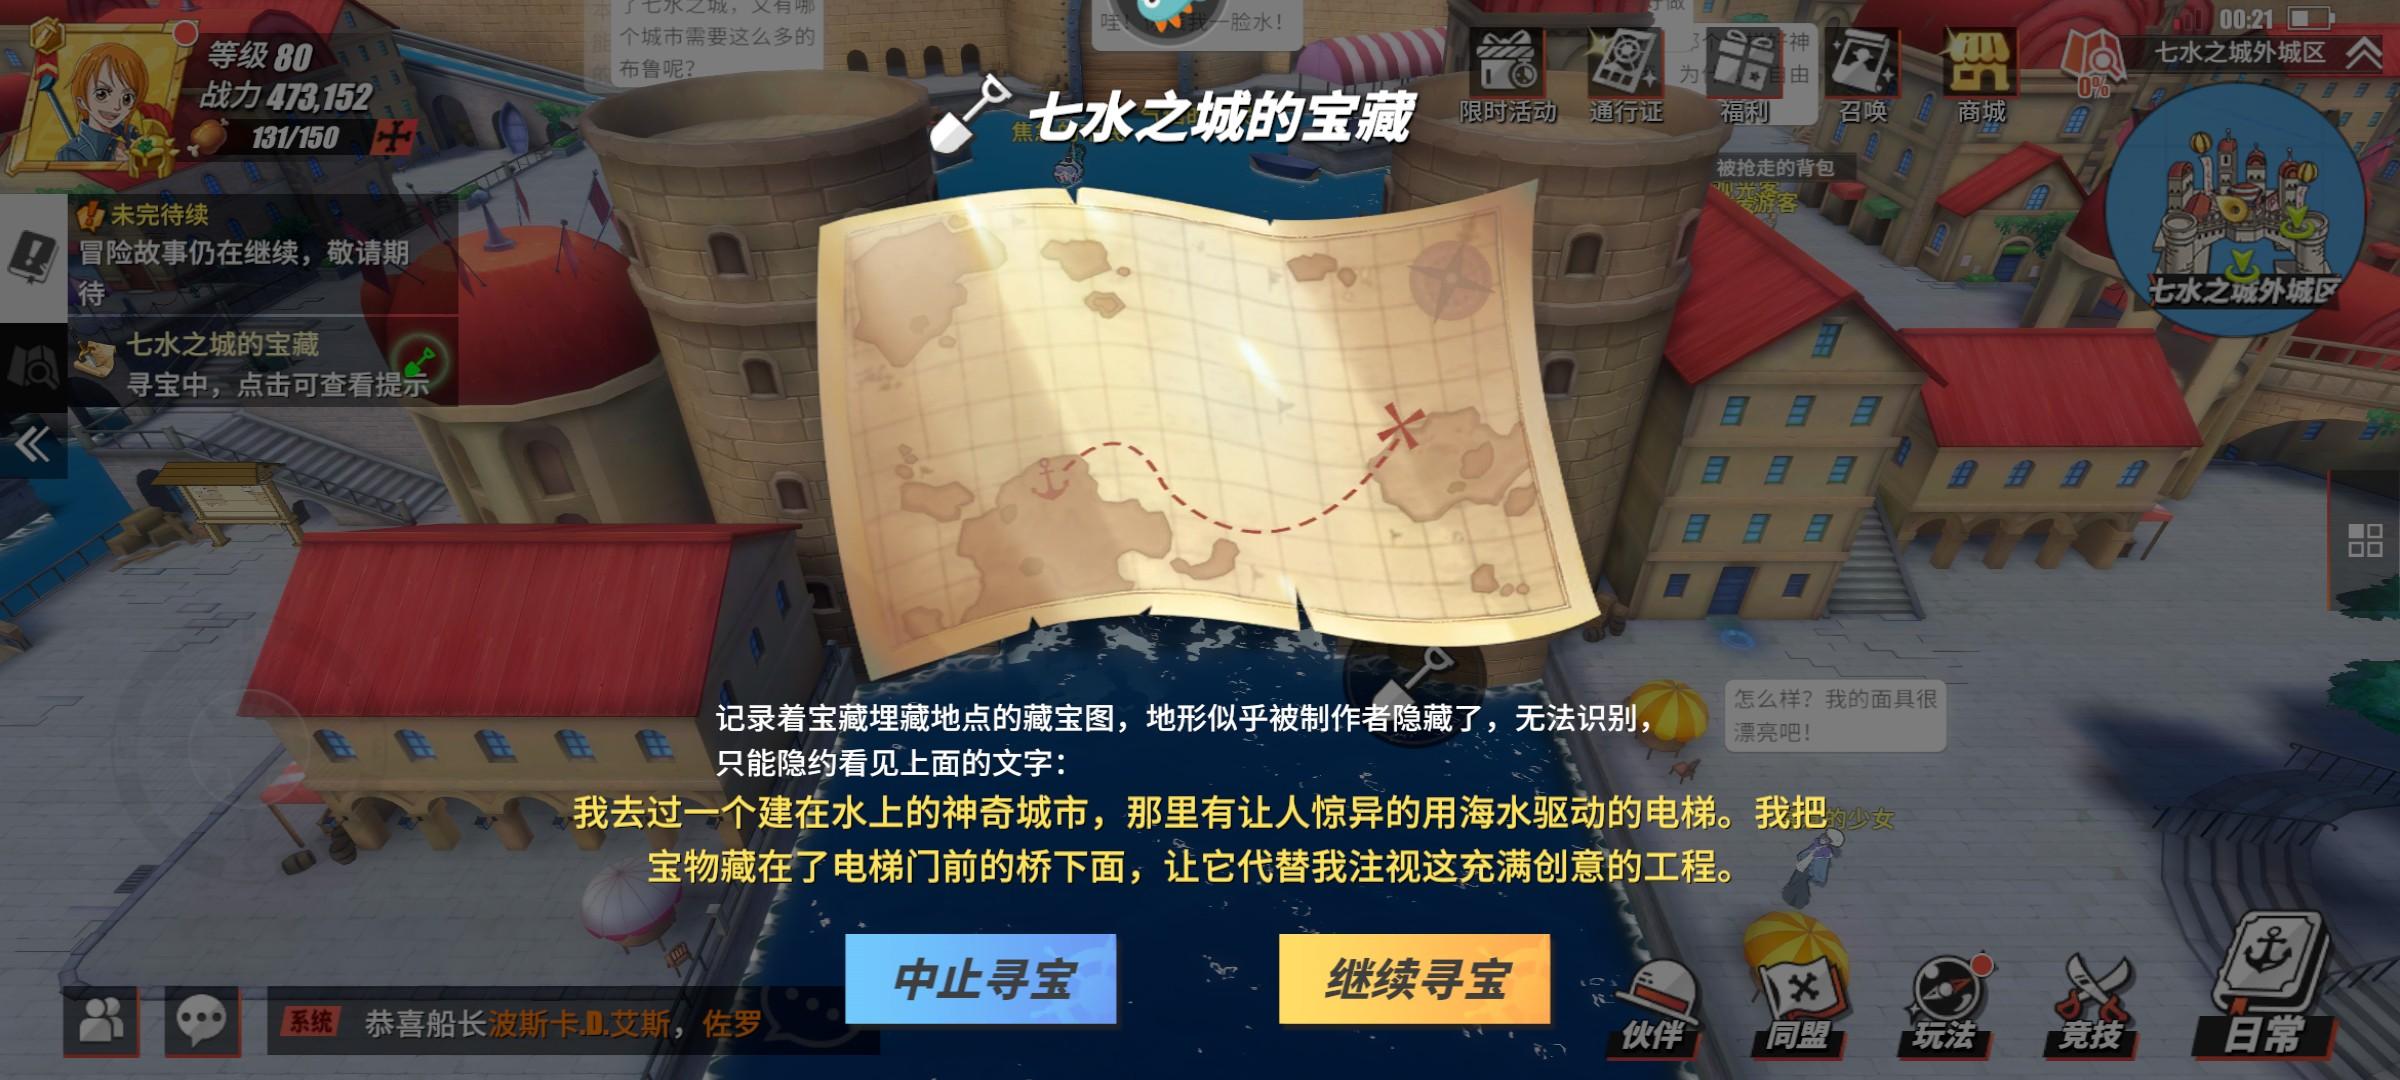 航海王热血航线我去过一个建在水上的神奇城市藏宝图位置介绍